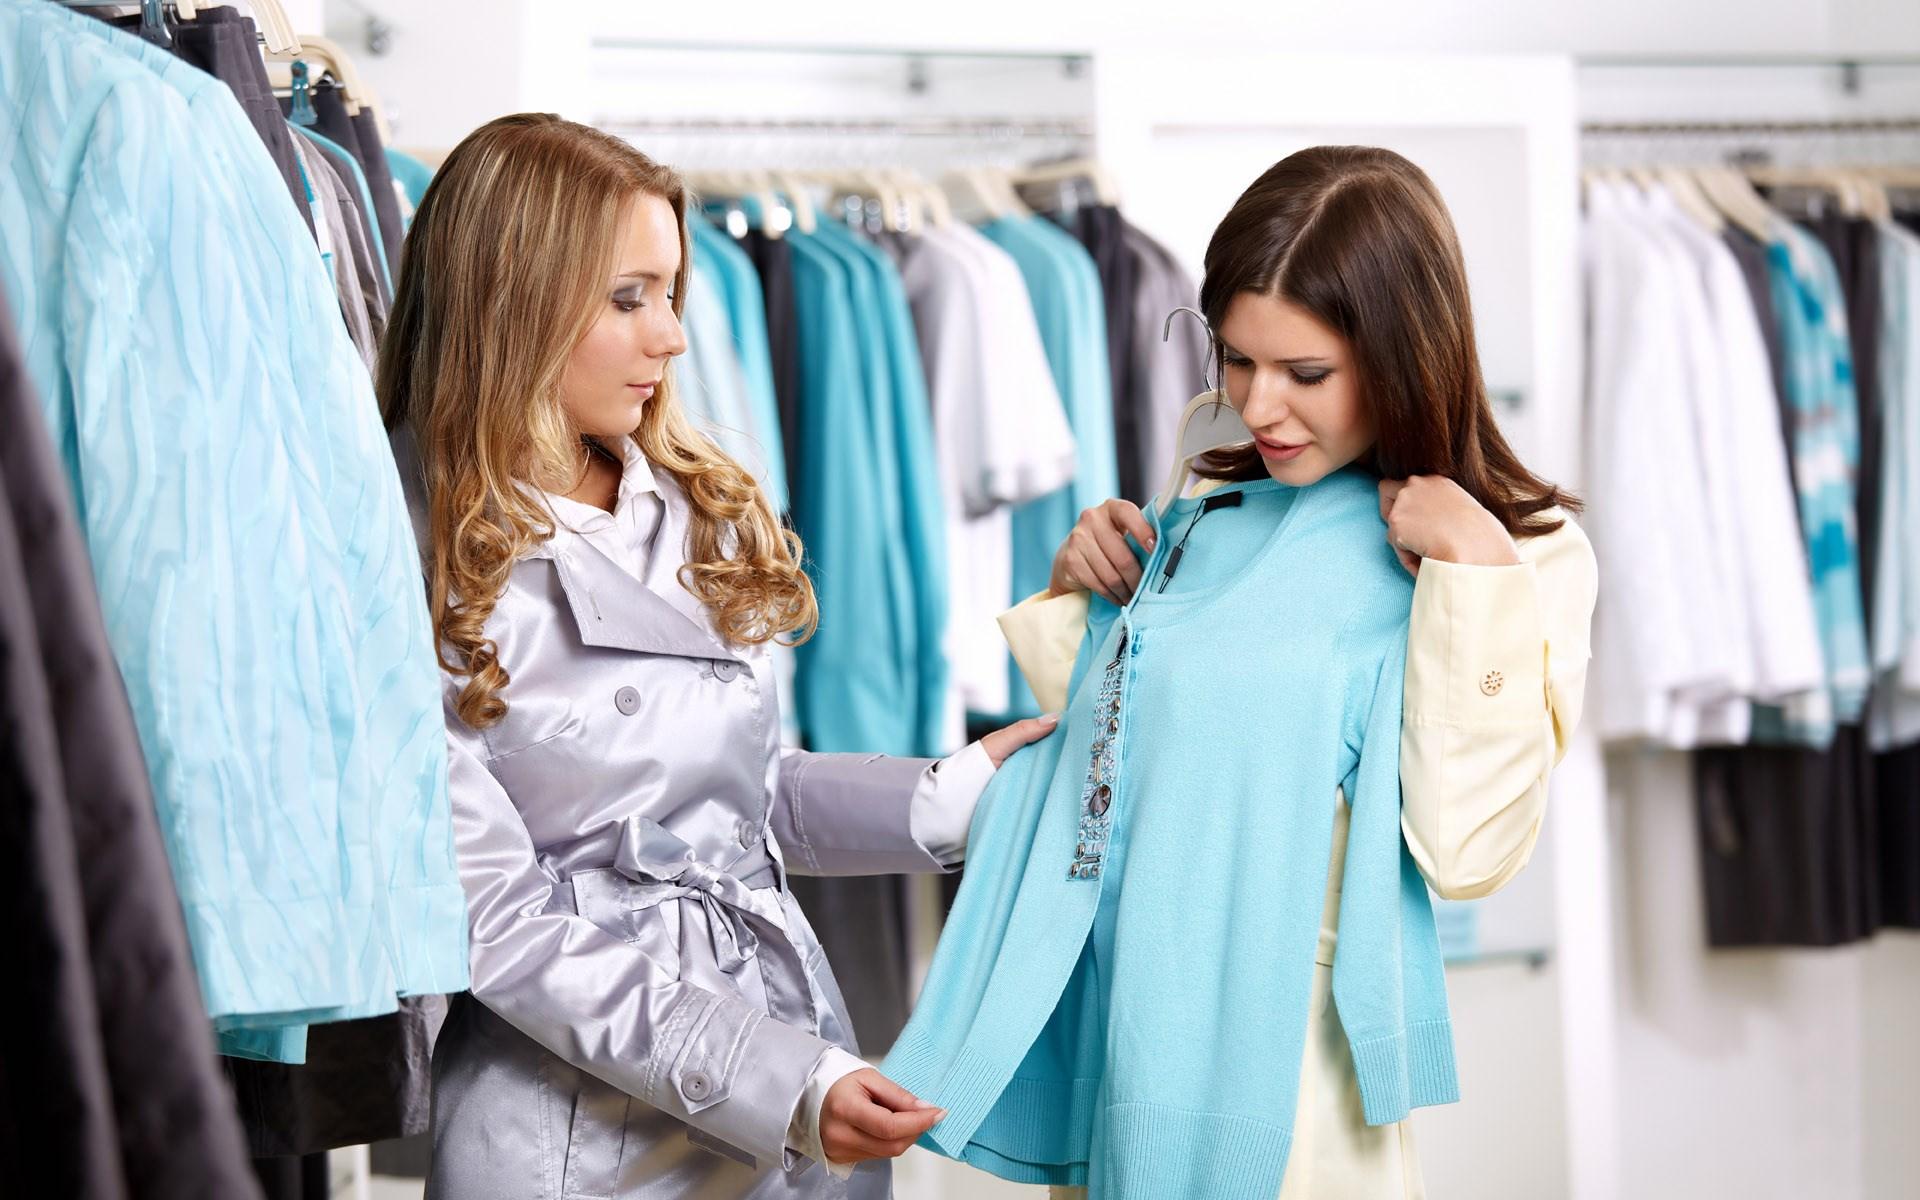 الكثير من المواد السامّة والبكتيريا تتغلغل في الملابس الجديدة